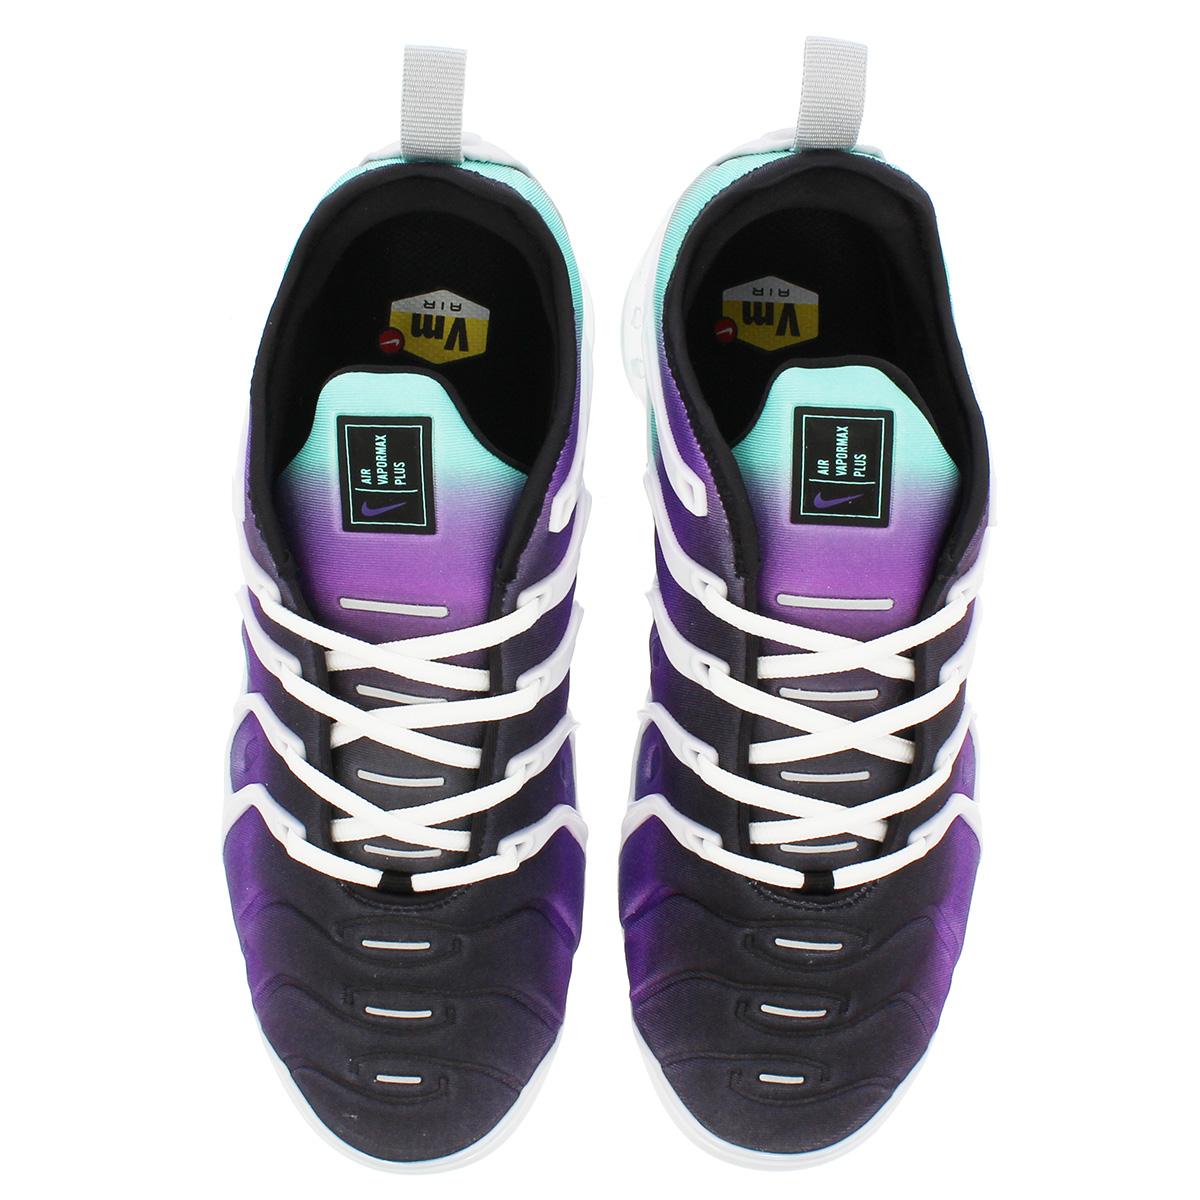 a14f1ba3473 SELECT SHOP LOWTEX  NIKE AIR VAPORMAX PLUS Nike vapor max plus WHITE ...